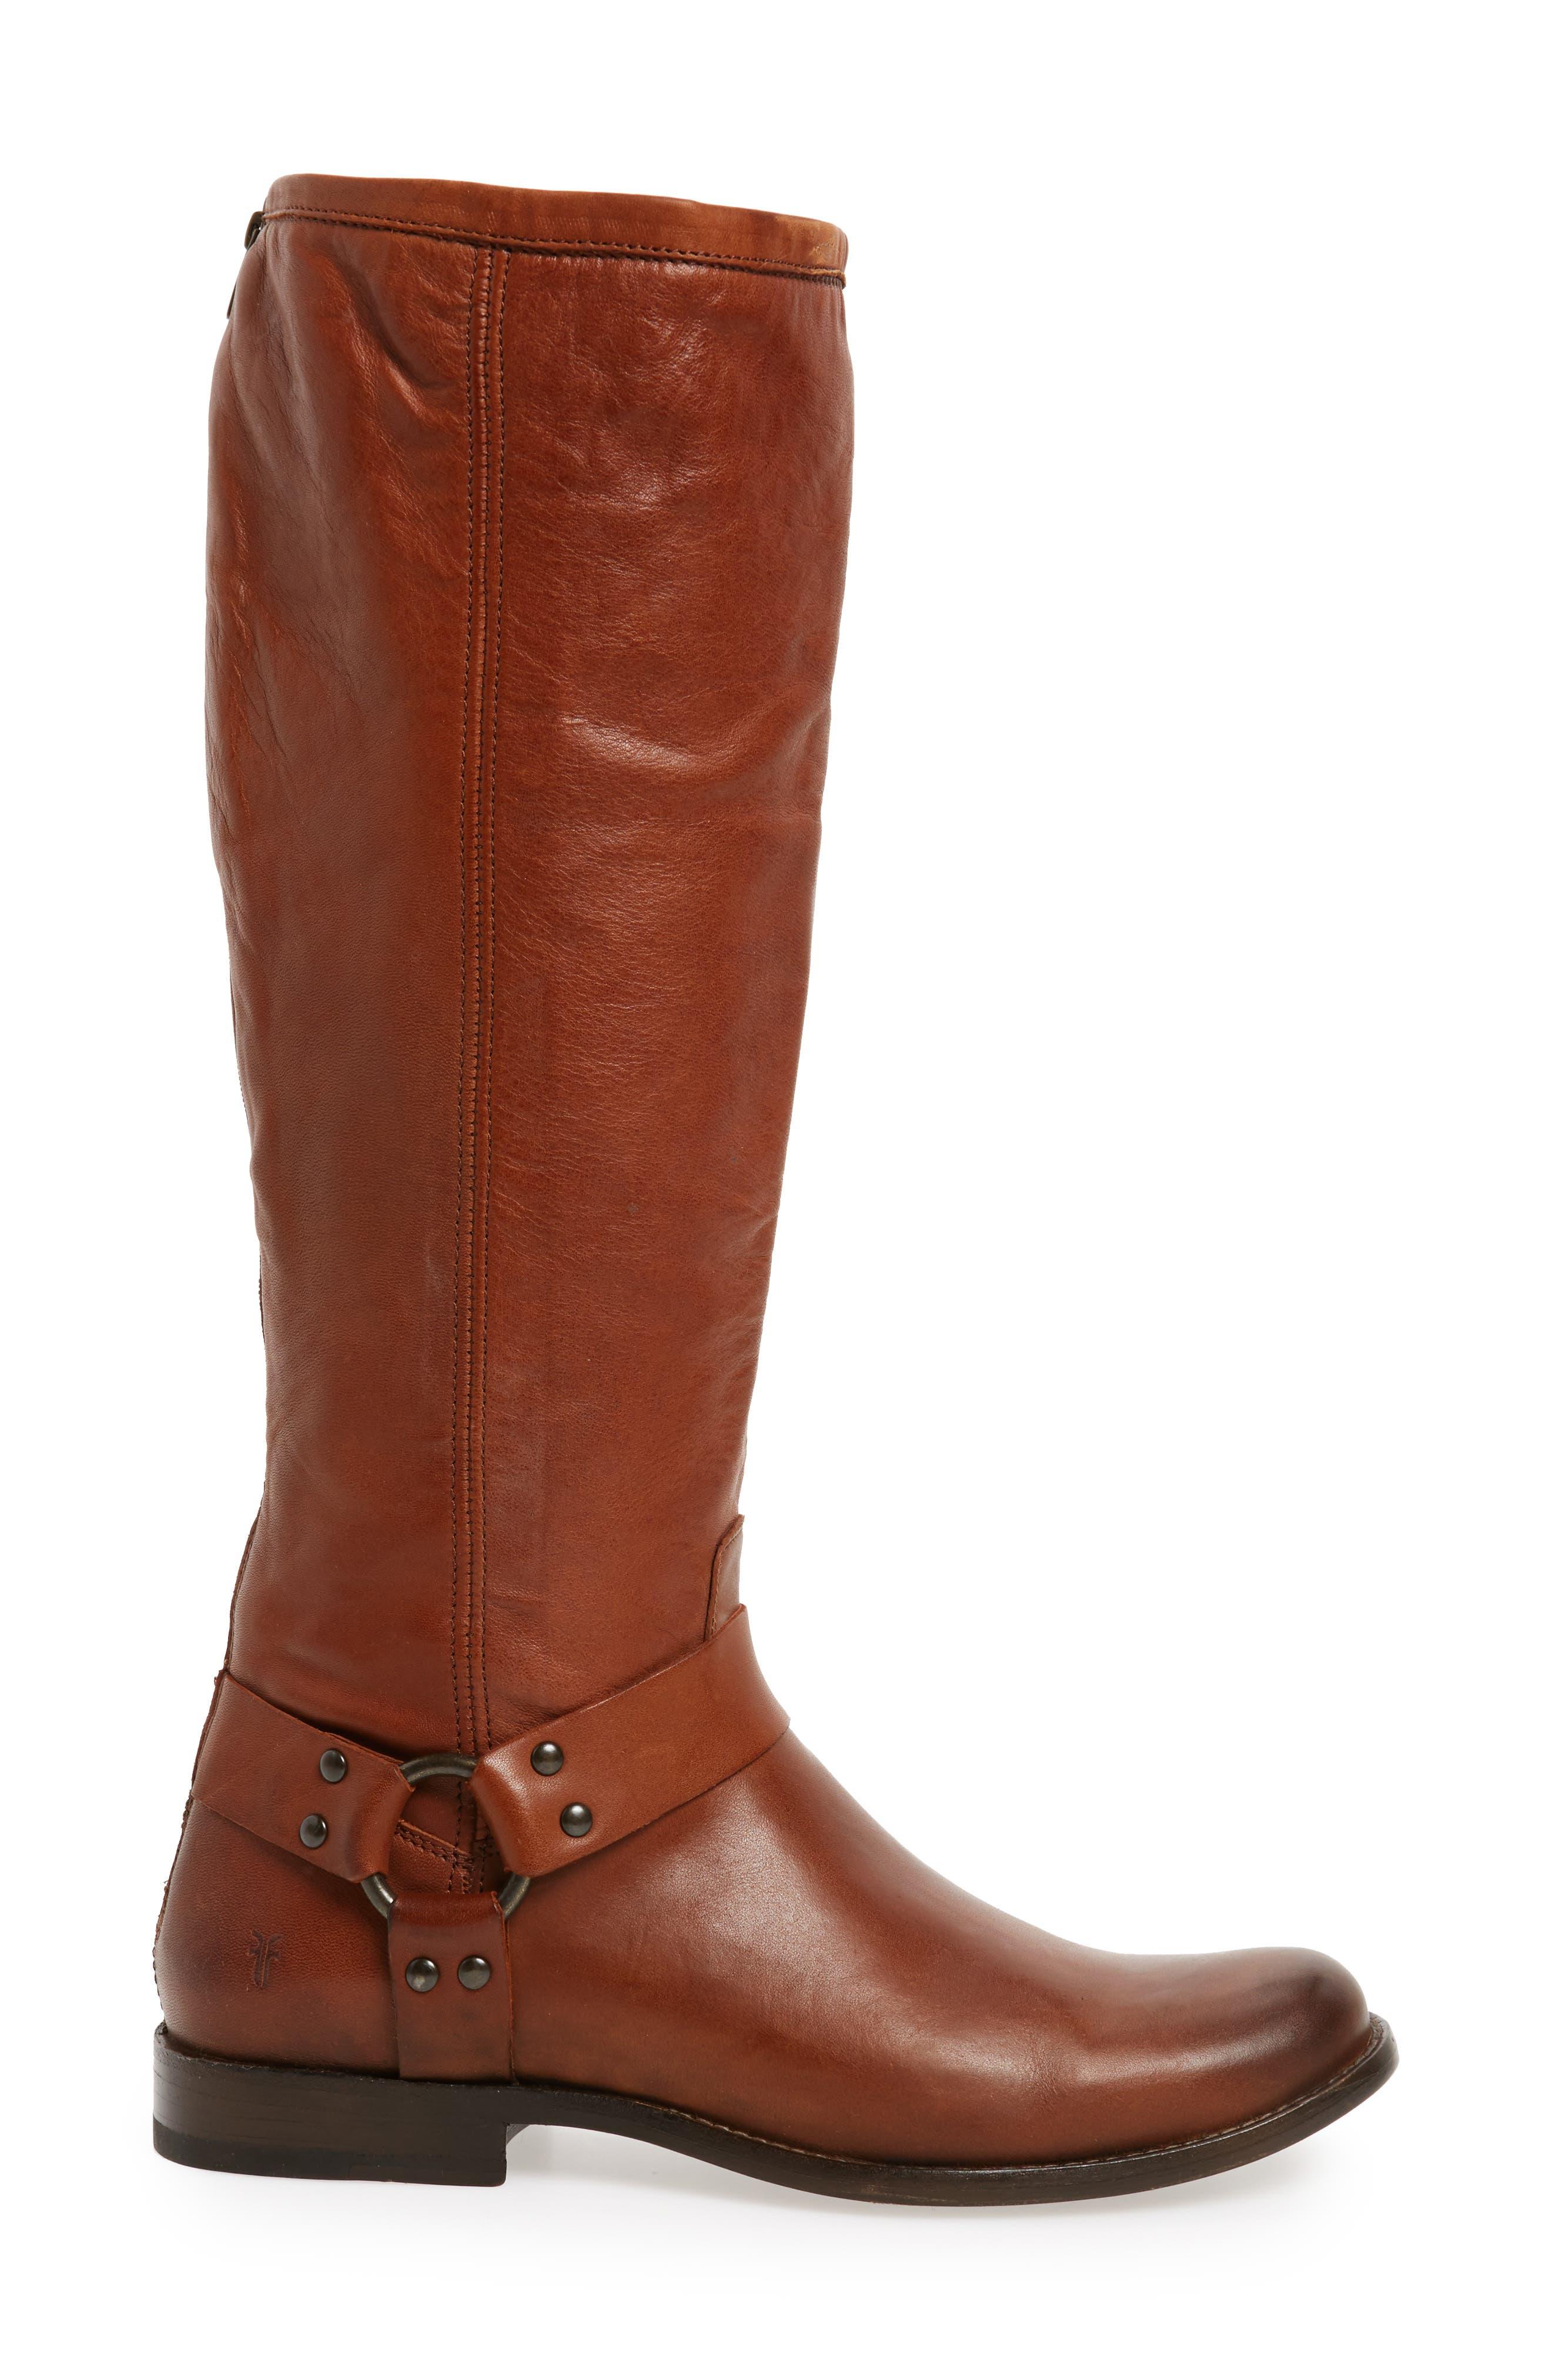 Alternate Image 3  - Frye Phillip Harness Tall Boot (Women) (Regular & Extended Calf)